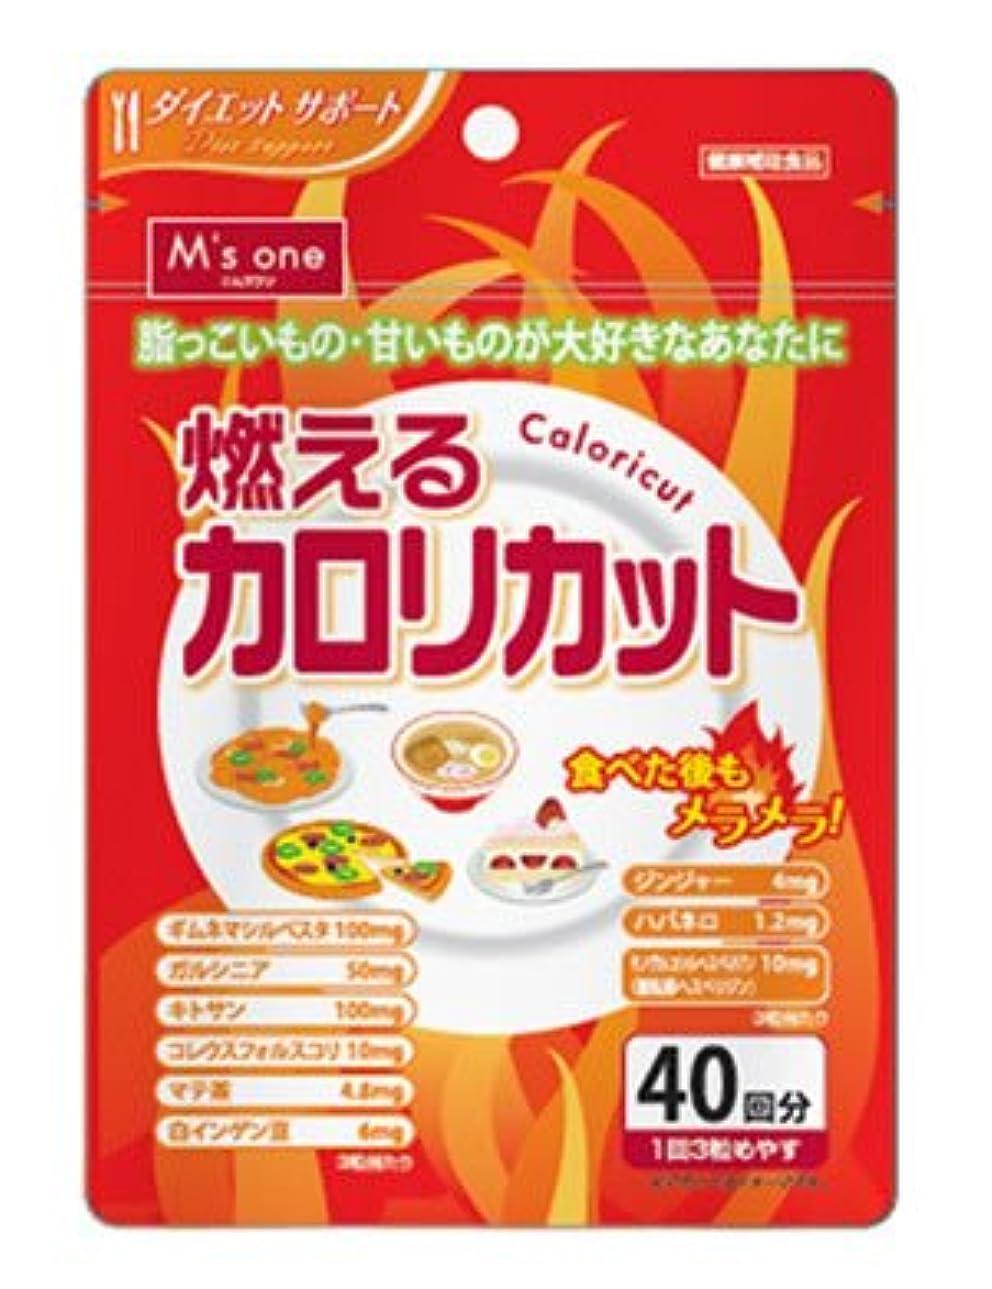 肯定的中国デモンストレーションエムズワン 燃えるカロリカット ダイエットサポート サプリメント 健康補助食品 (40回分)